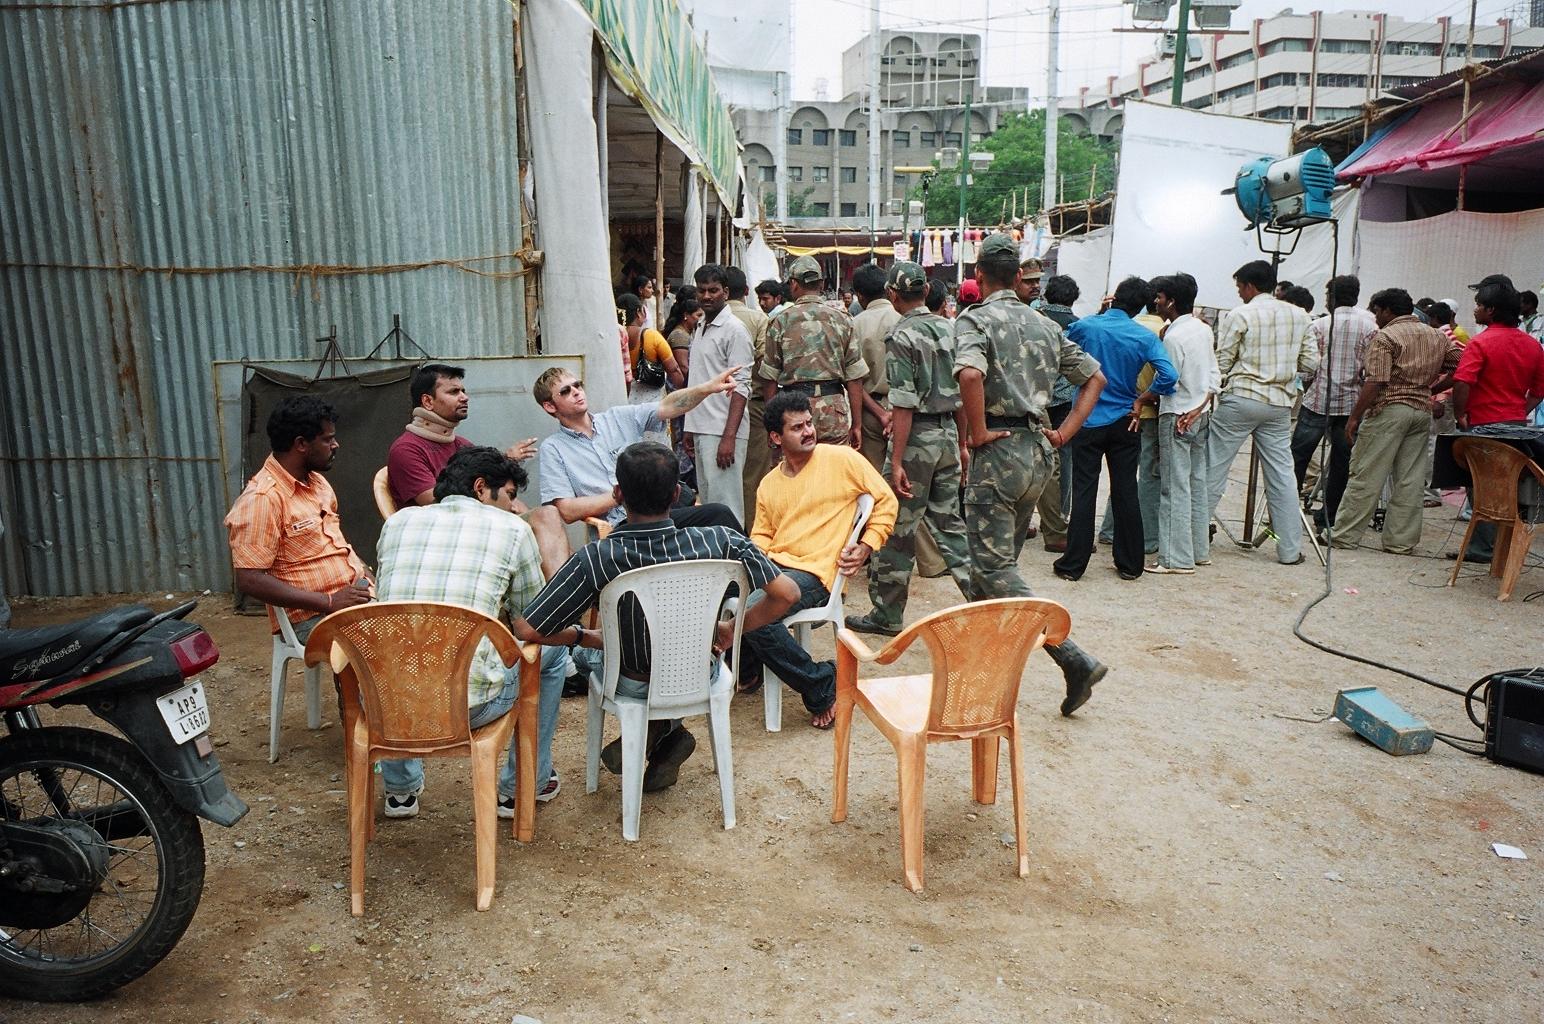 Film set / Hyderabad, India